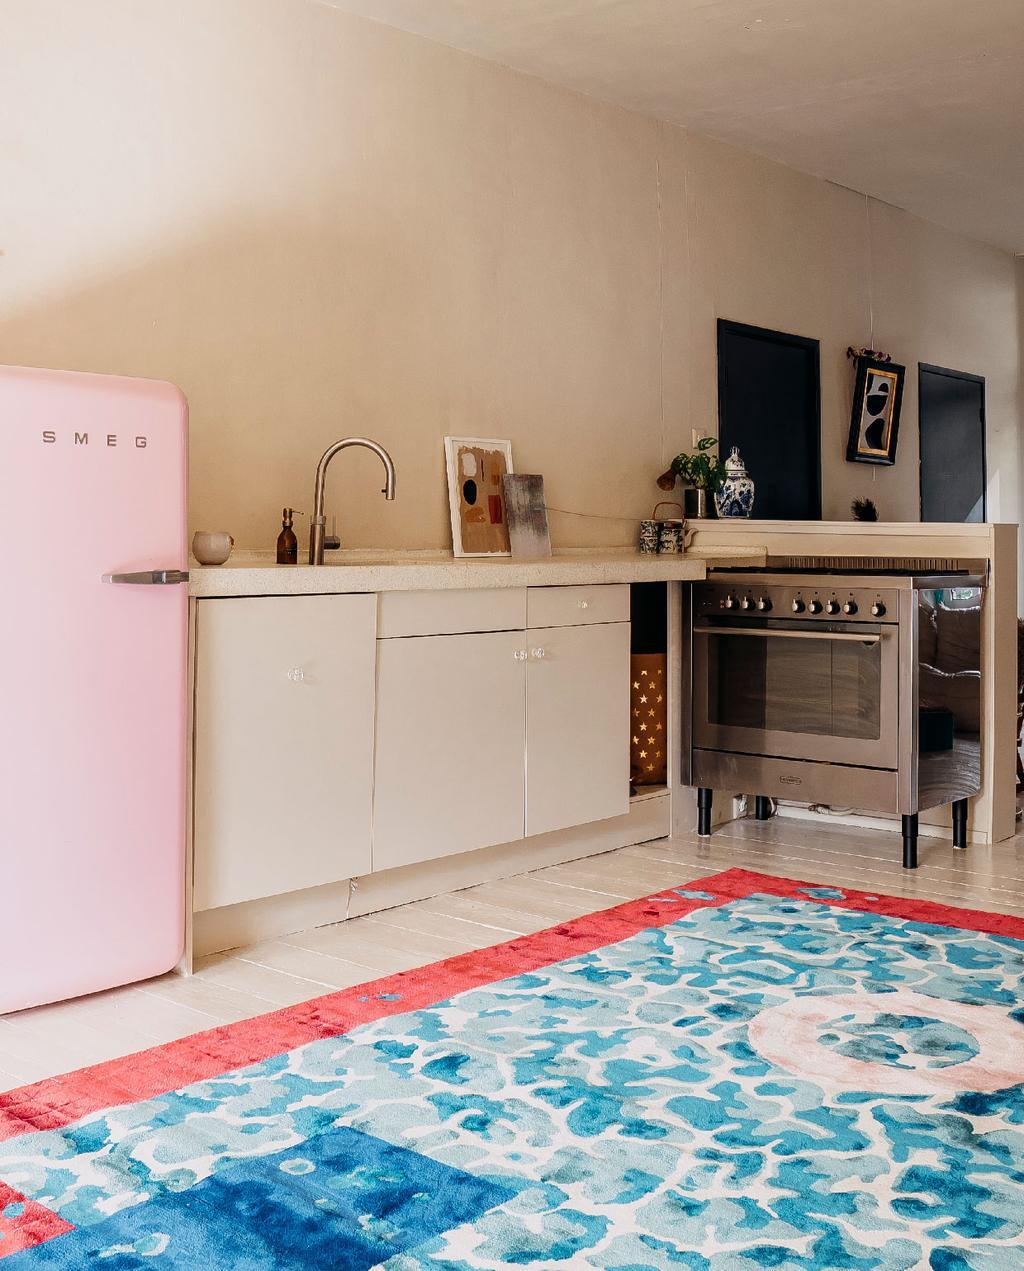 vtwonen 11-2020 | binnenkijken amsterdam open leefkeuken witte keukenkastjes, roze smeg koelkast, groot fornuis en vloerkleed met blauw dessin